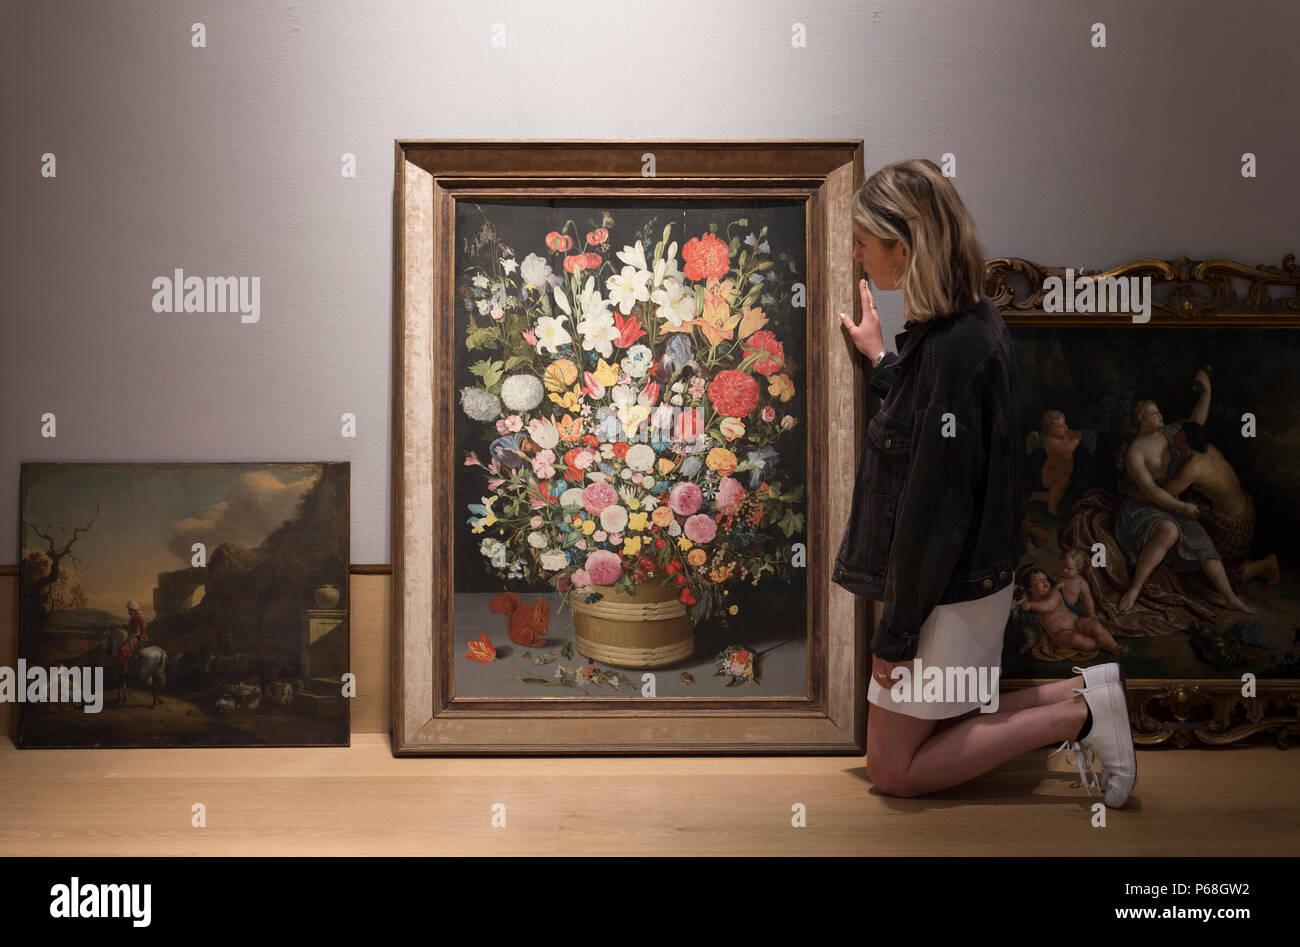 Bonhams New Bond Street, Londra, Regno Unito. 29 Giugno, 2018. Un esteso mazzo di primavera ed estate fiori della Bottega di Jan Brueghel il Giovane (1601-1678). Questo insolitamente grande e sontuosa olio su pannello, preventivo è £70,000-100,000 nei vecchi maestri vendita anteprima. La vendita avviene su Mercoledì 4 luglio 2018 a 2pm. Credito: Malcolm Park/Alamy Live News. Immagini Stock